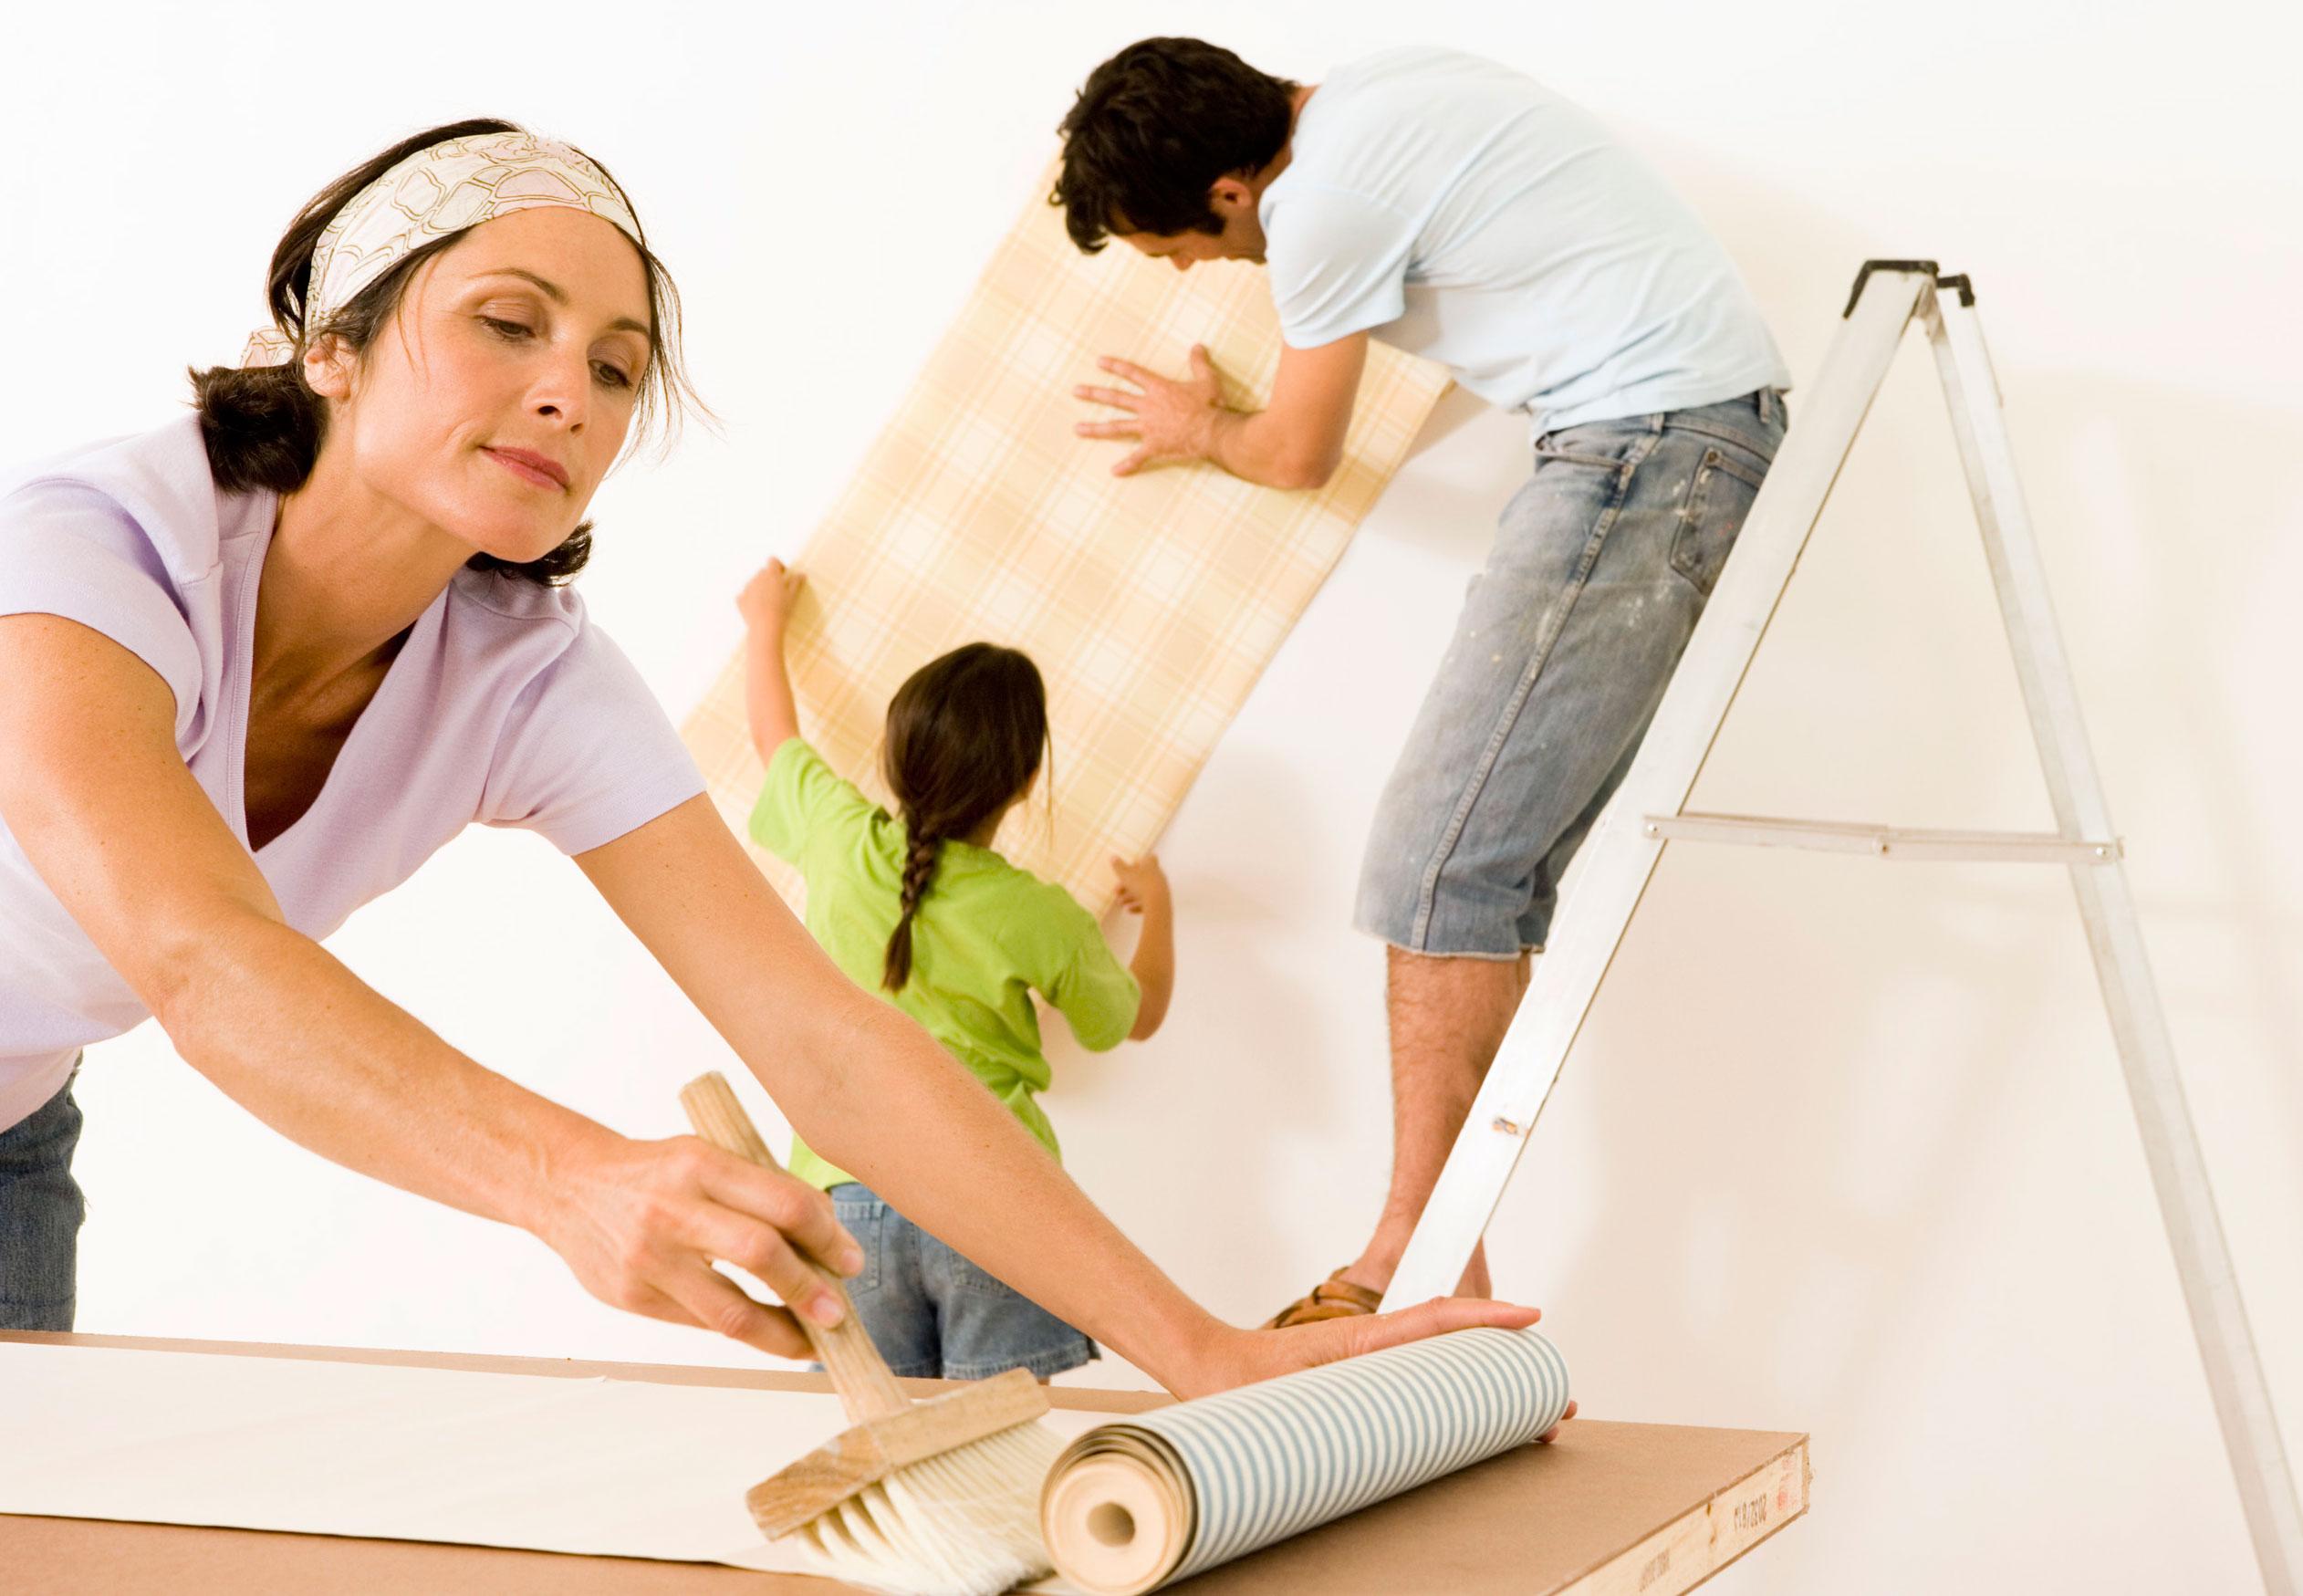 таки вещь все для ремонта квартиры картинки знаете, когда